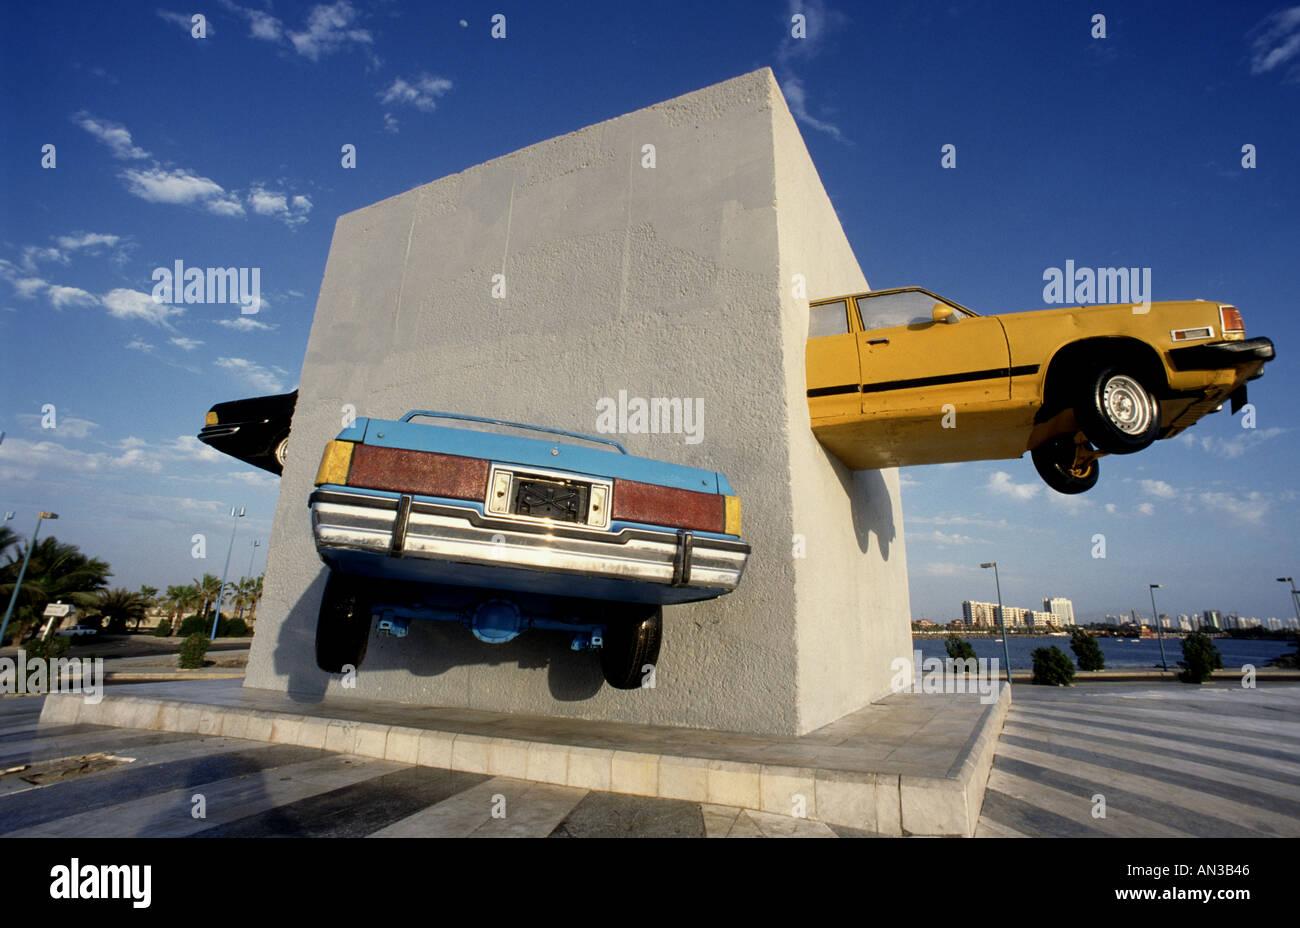 Car monument in jeddah saudi arabia